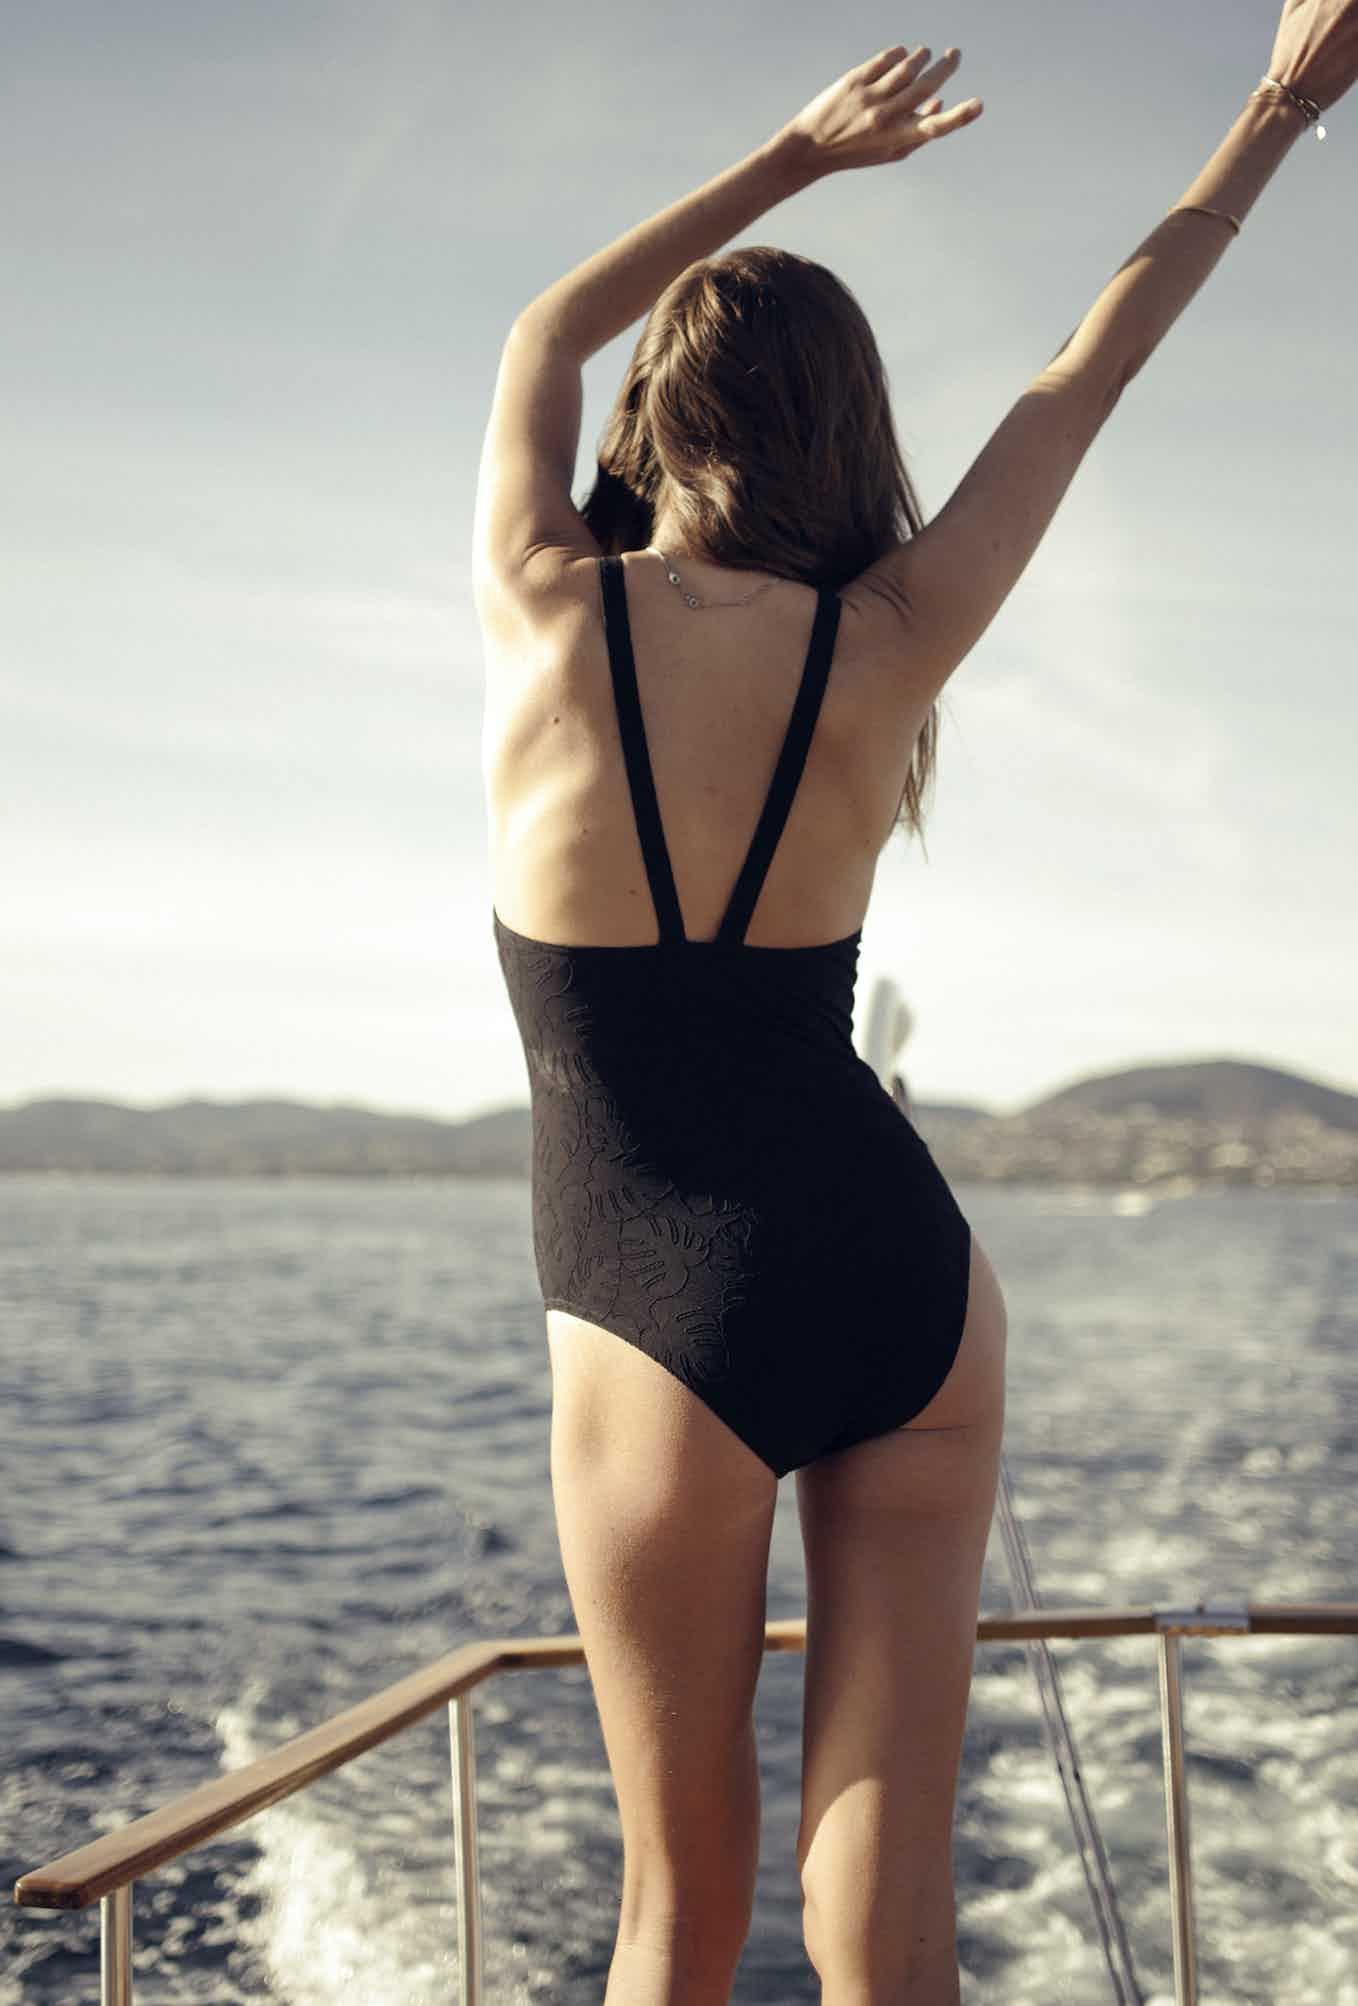 Swimsuit Les soirs d'été in black